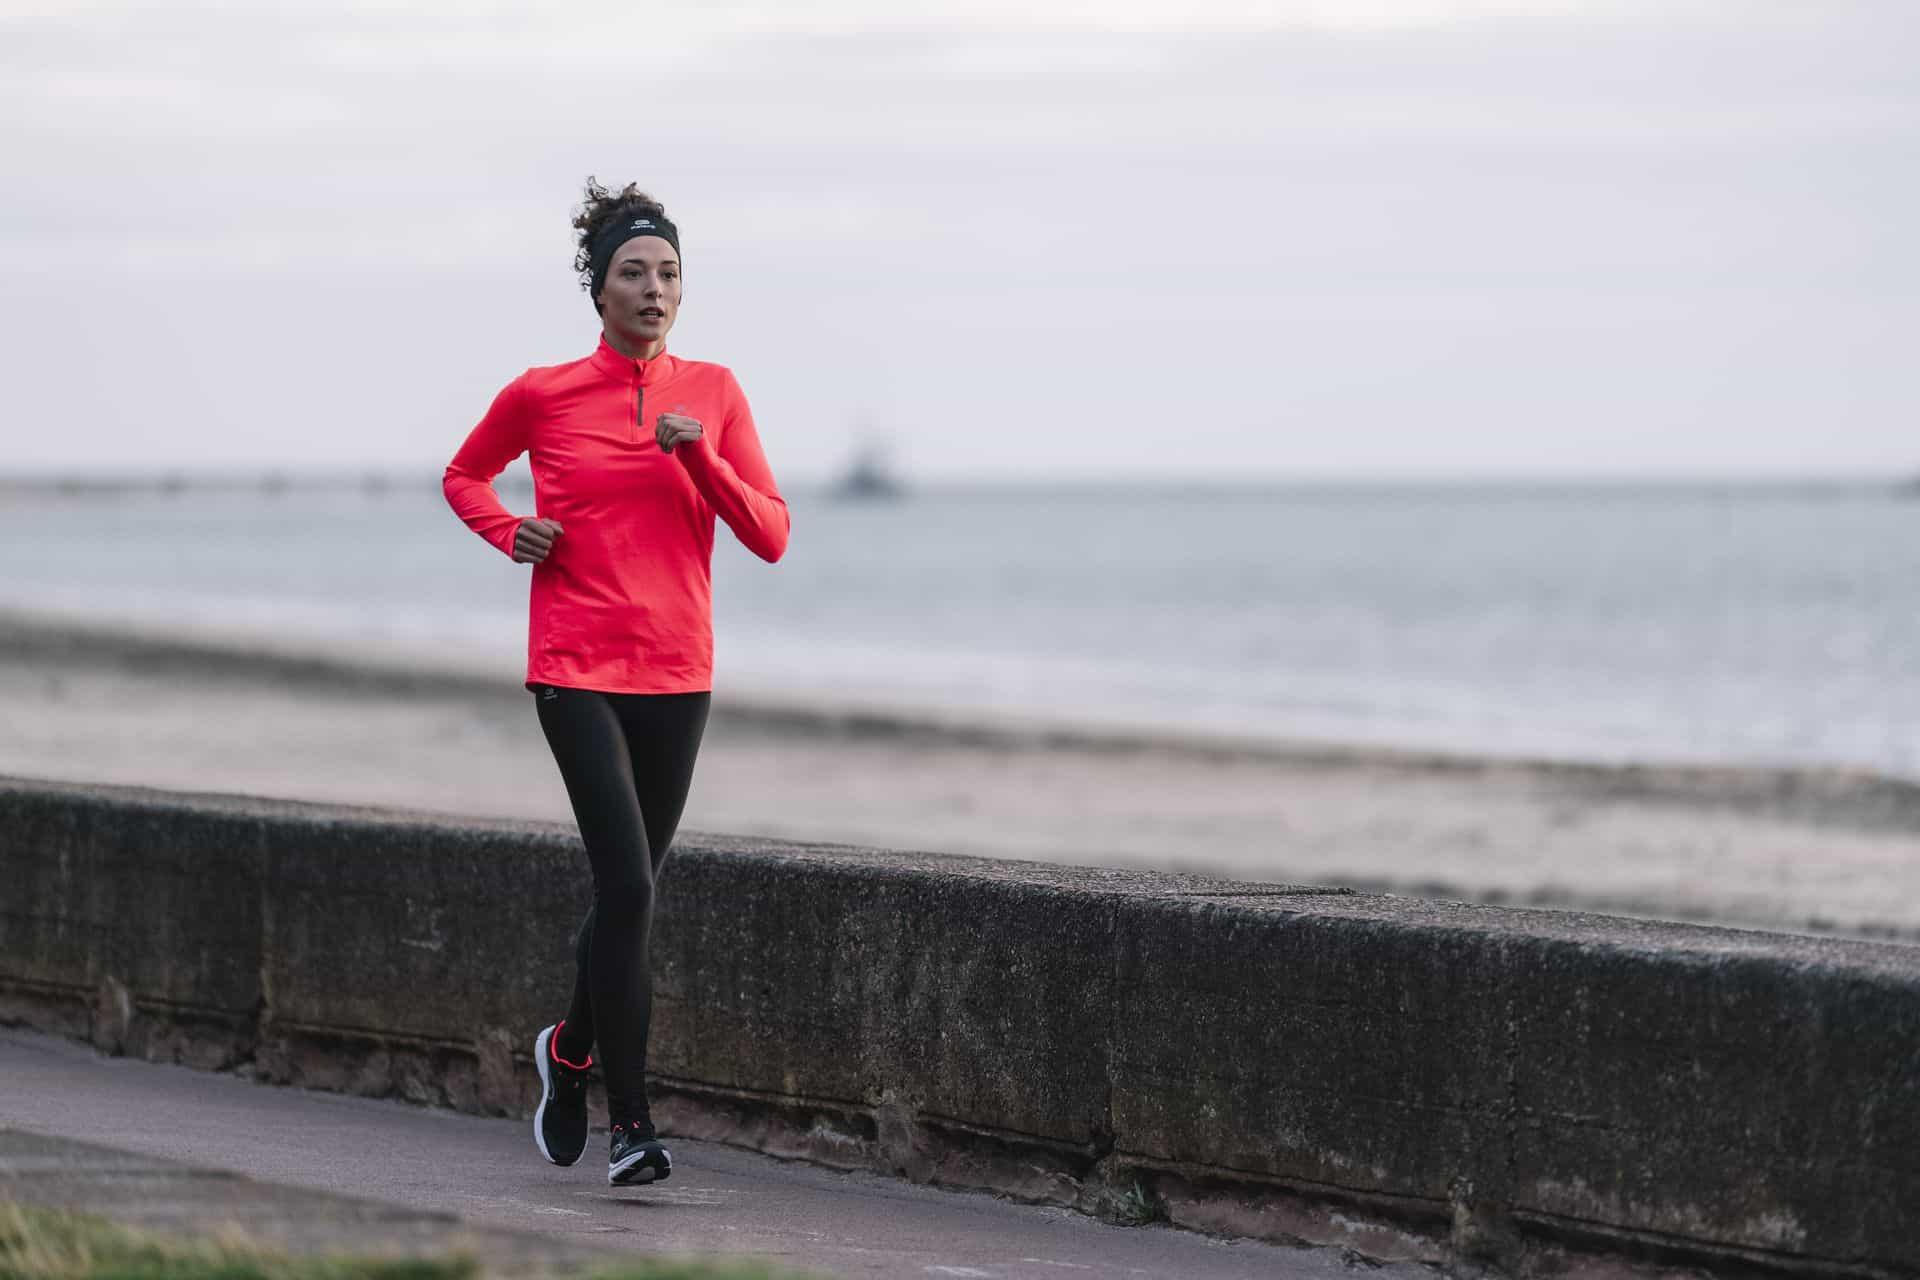 woman runs by sea wall